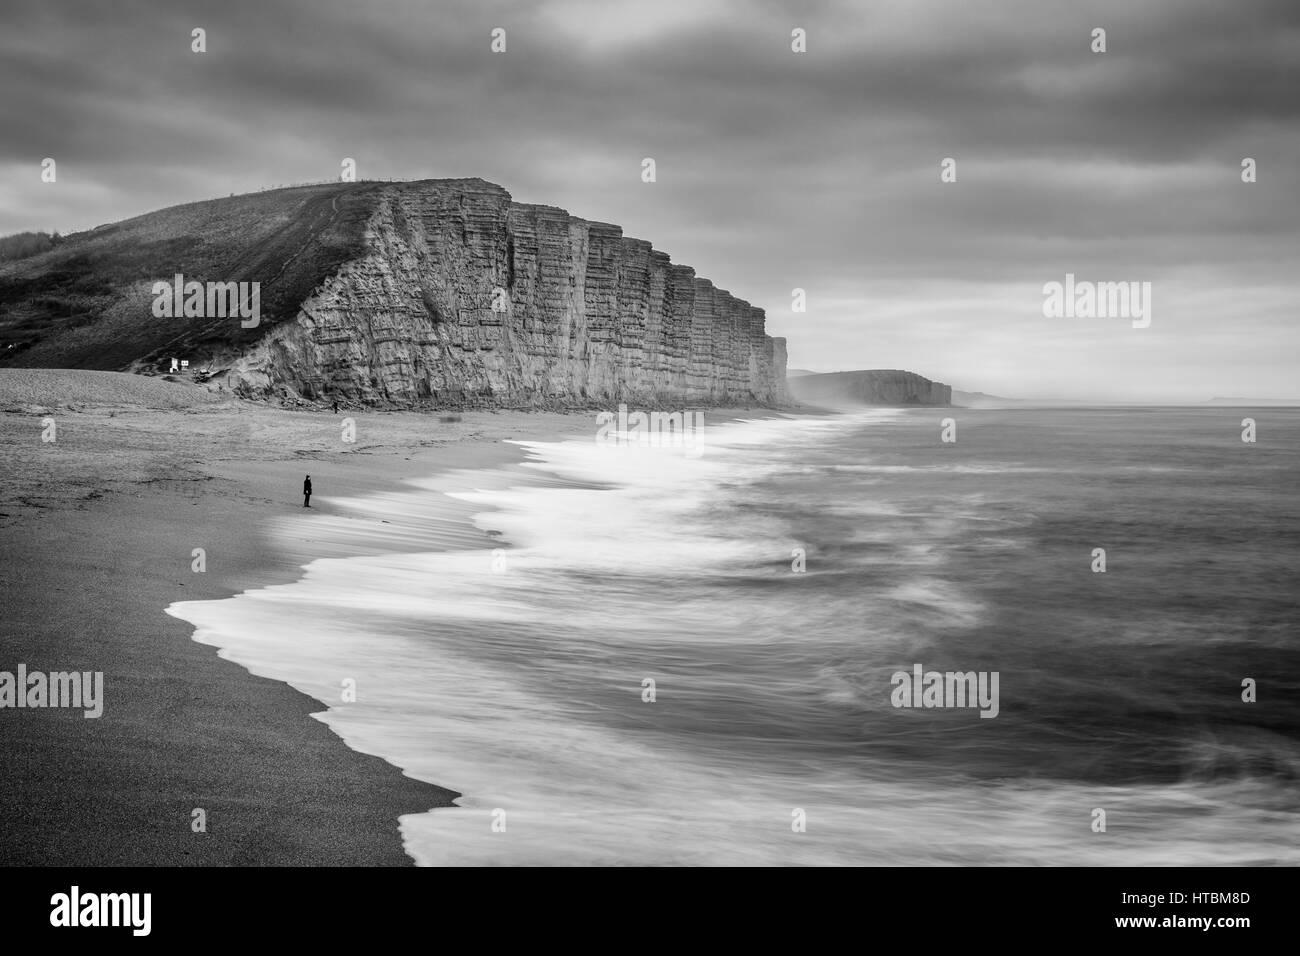 Une figure solitaire regardant des vagues se brisant sur la plage sous falaise Est, West Bay, sur la côte jurassique, Banque D'Images